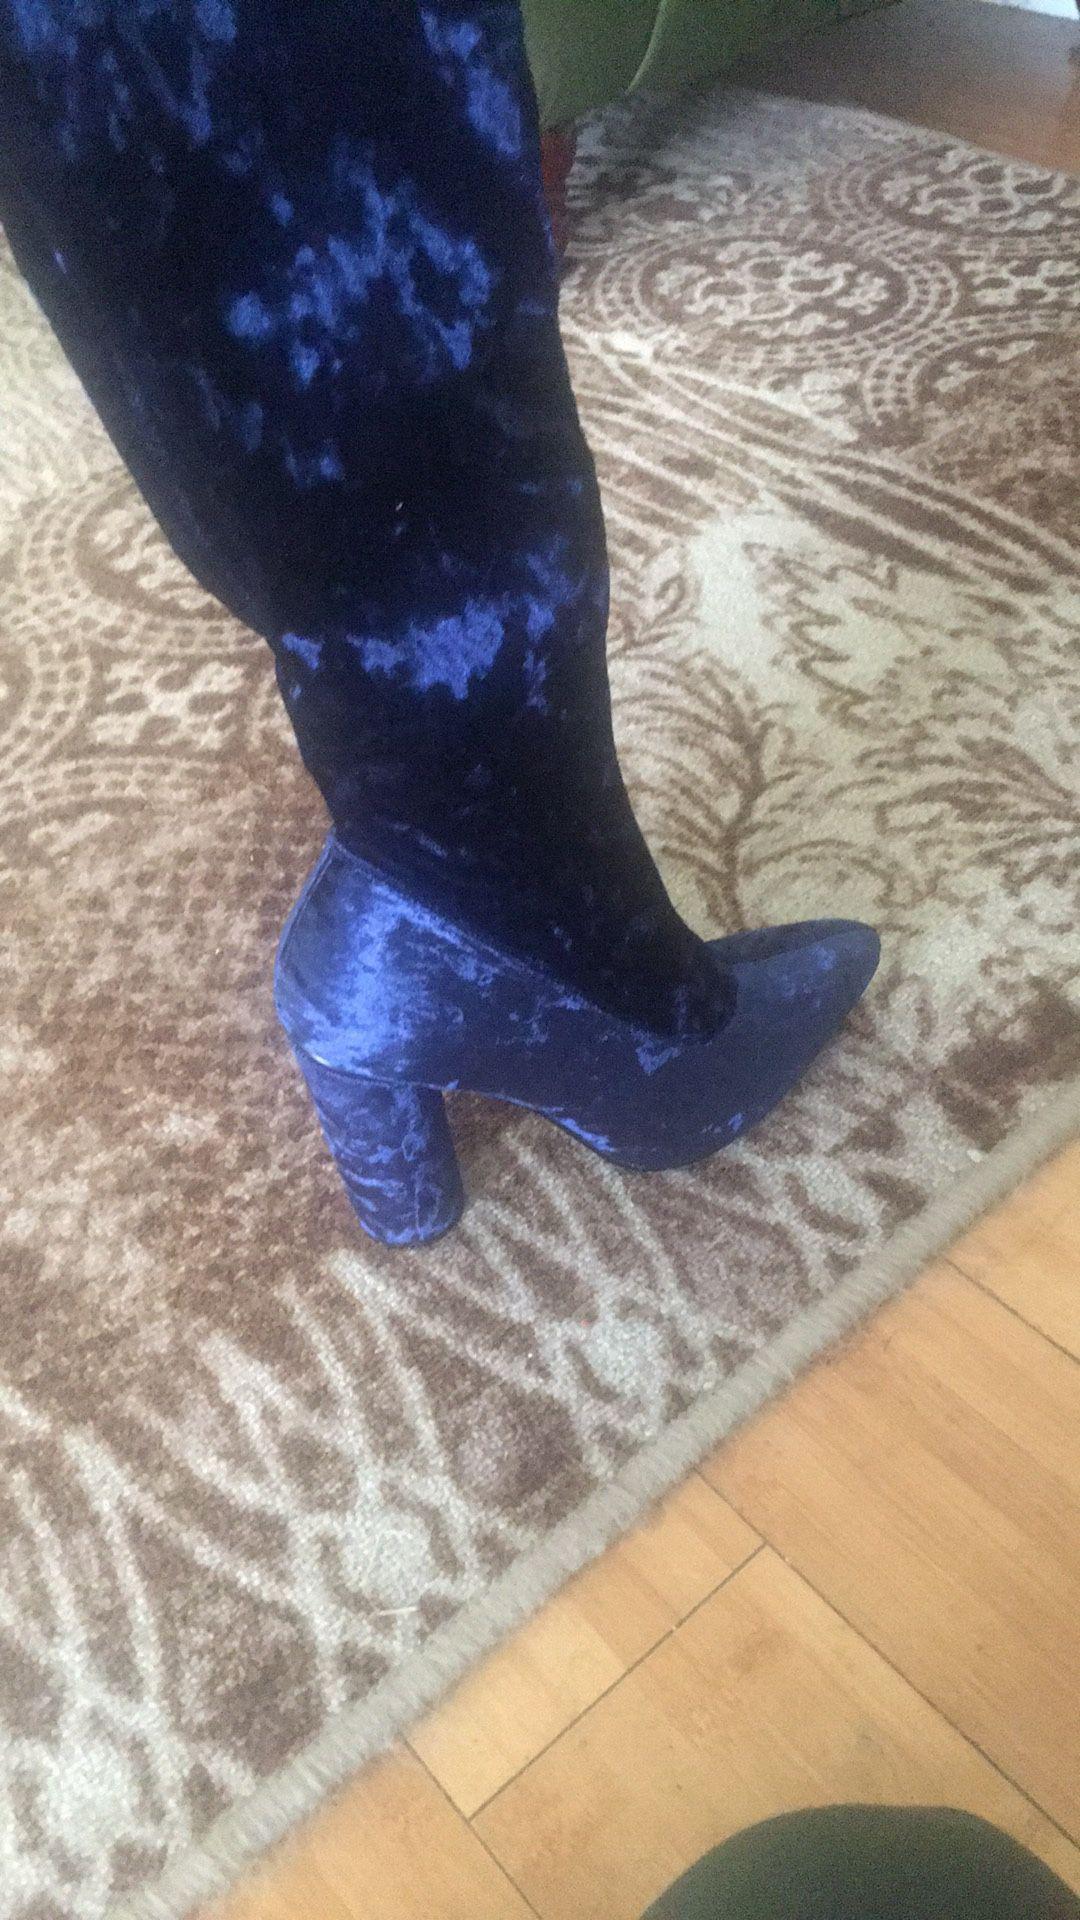 Blue Thigh high boots